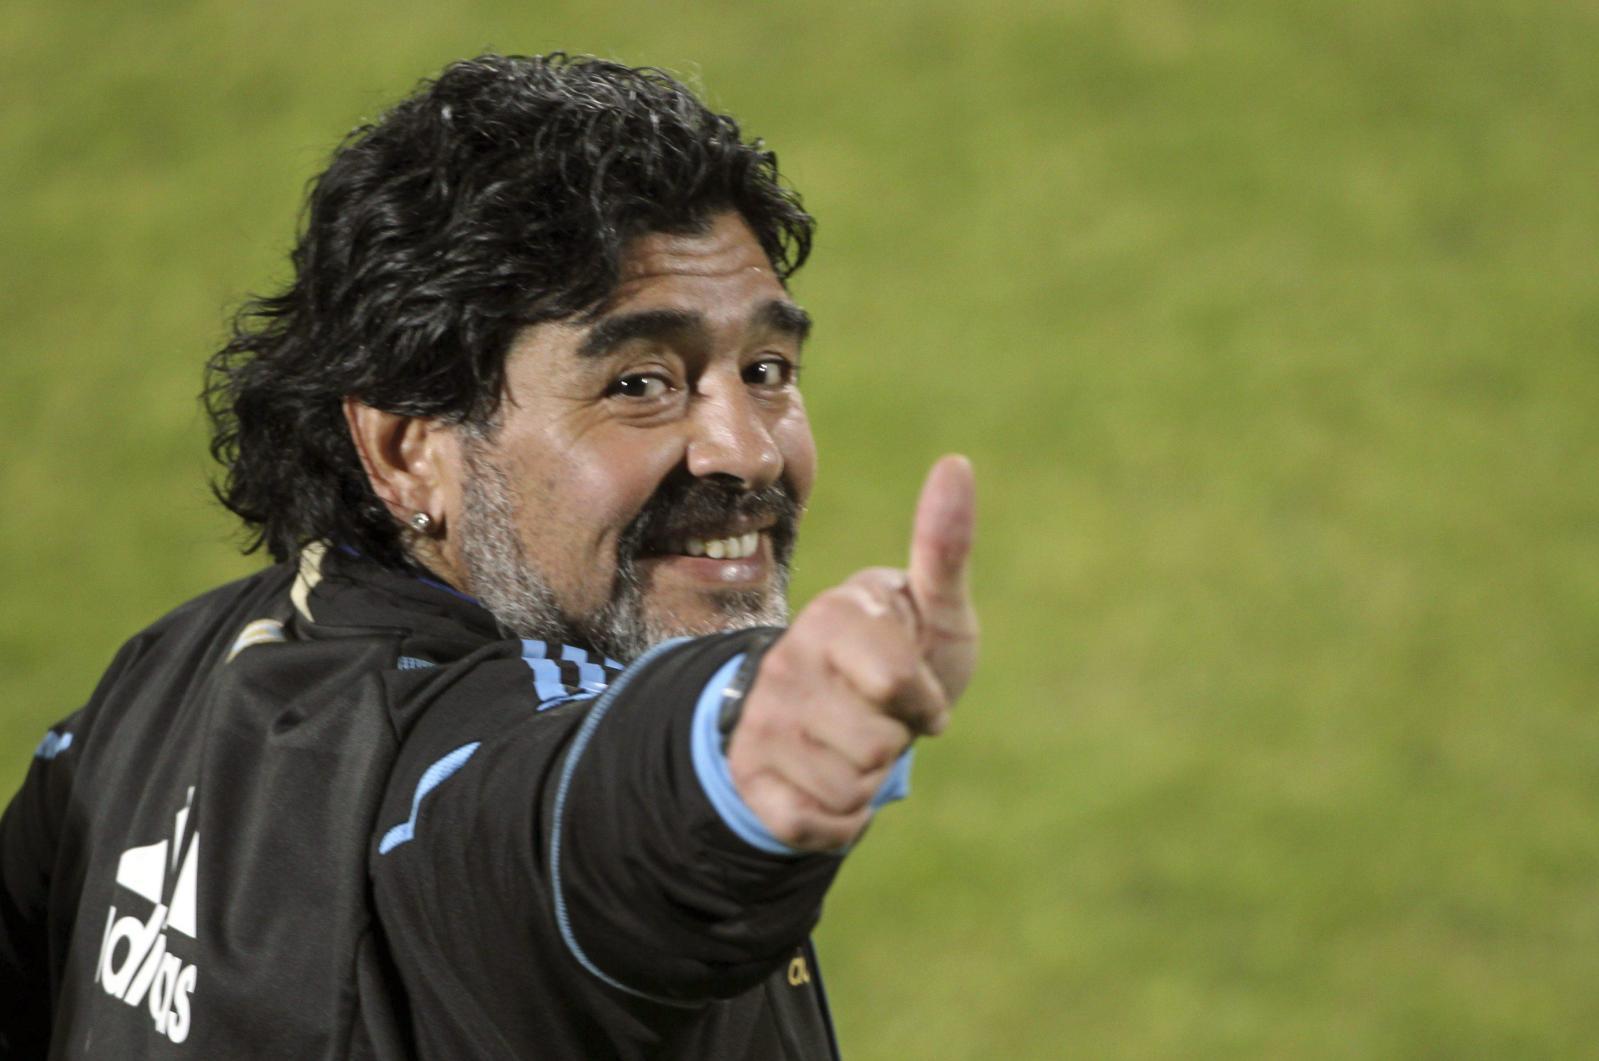 Cittadinanza onoraria Maradona oggi 5 luglio 2017 Napoli ...